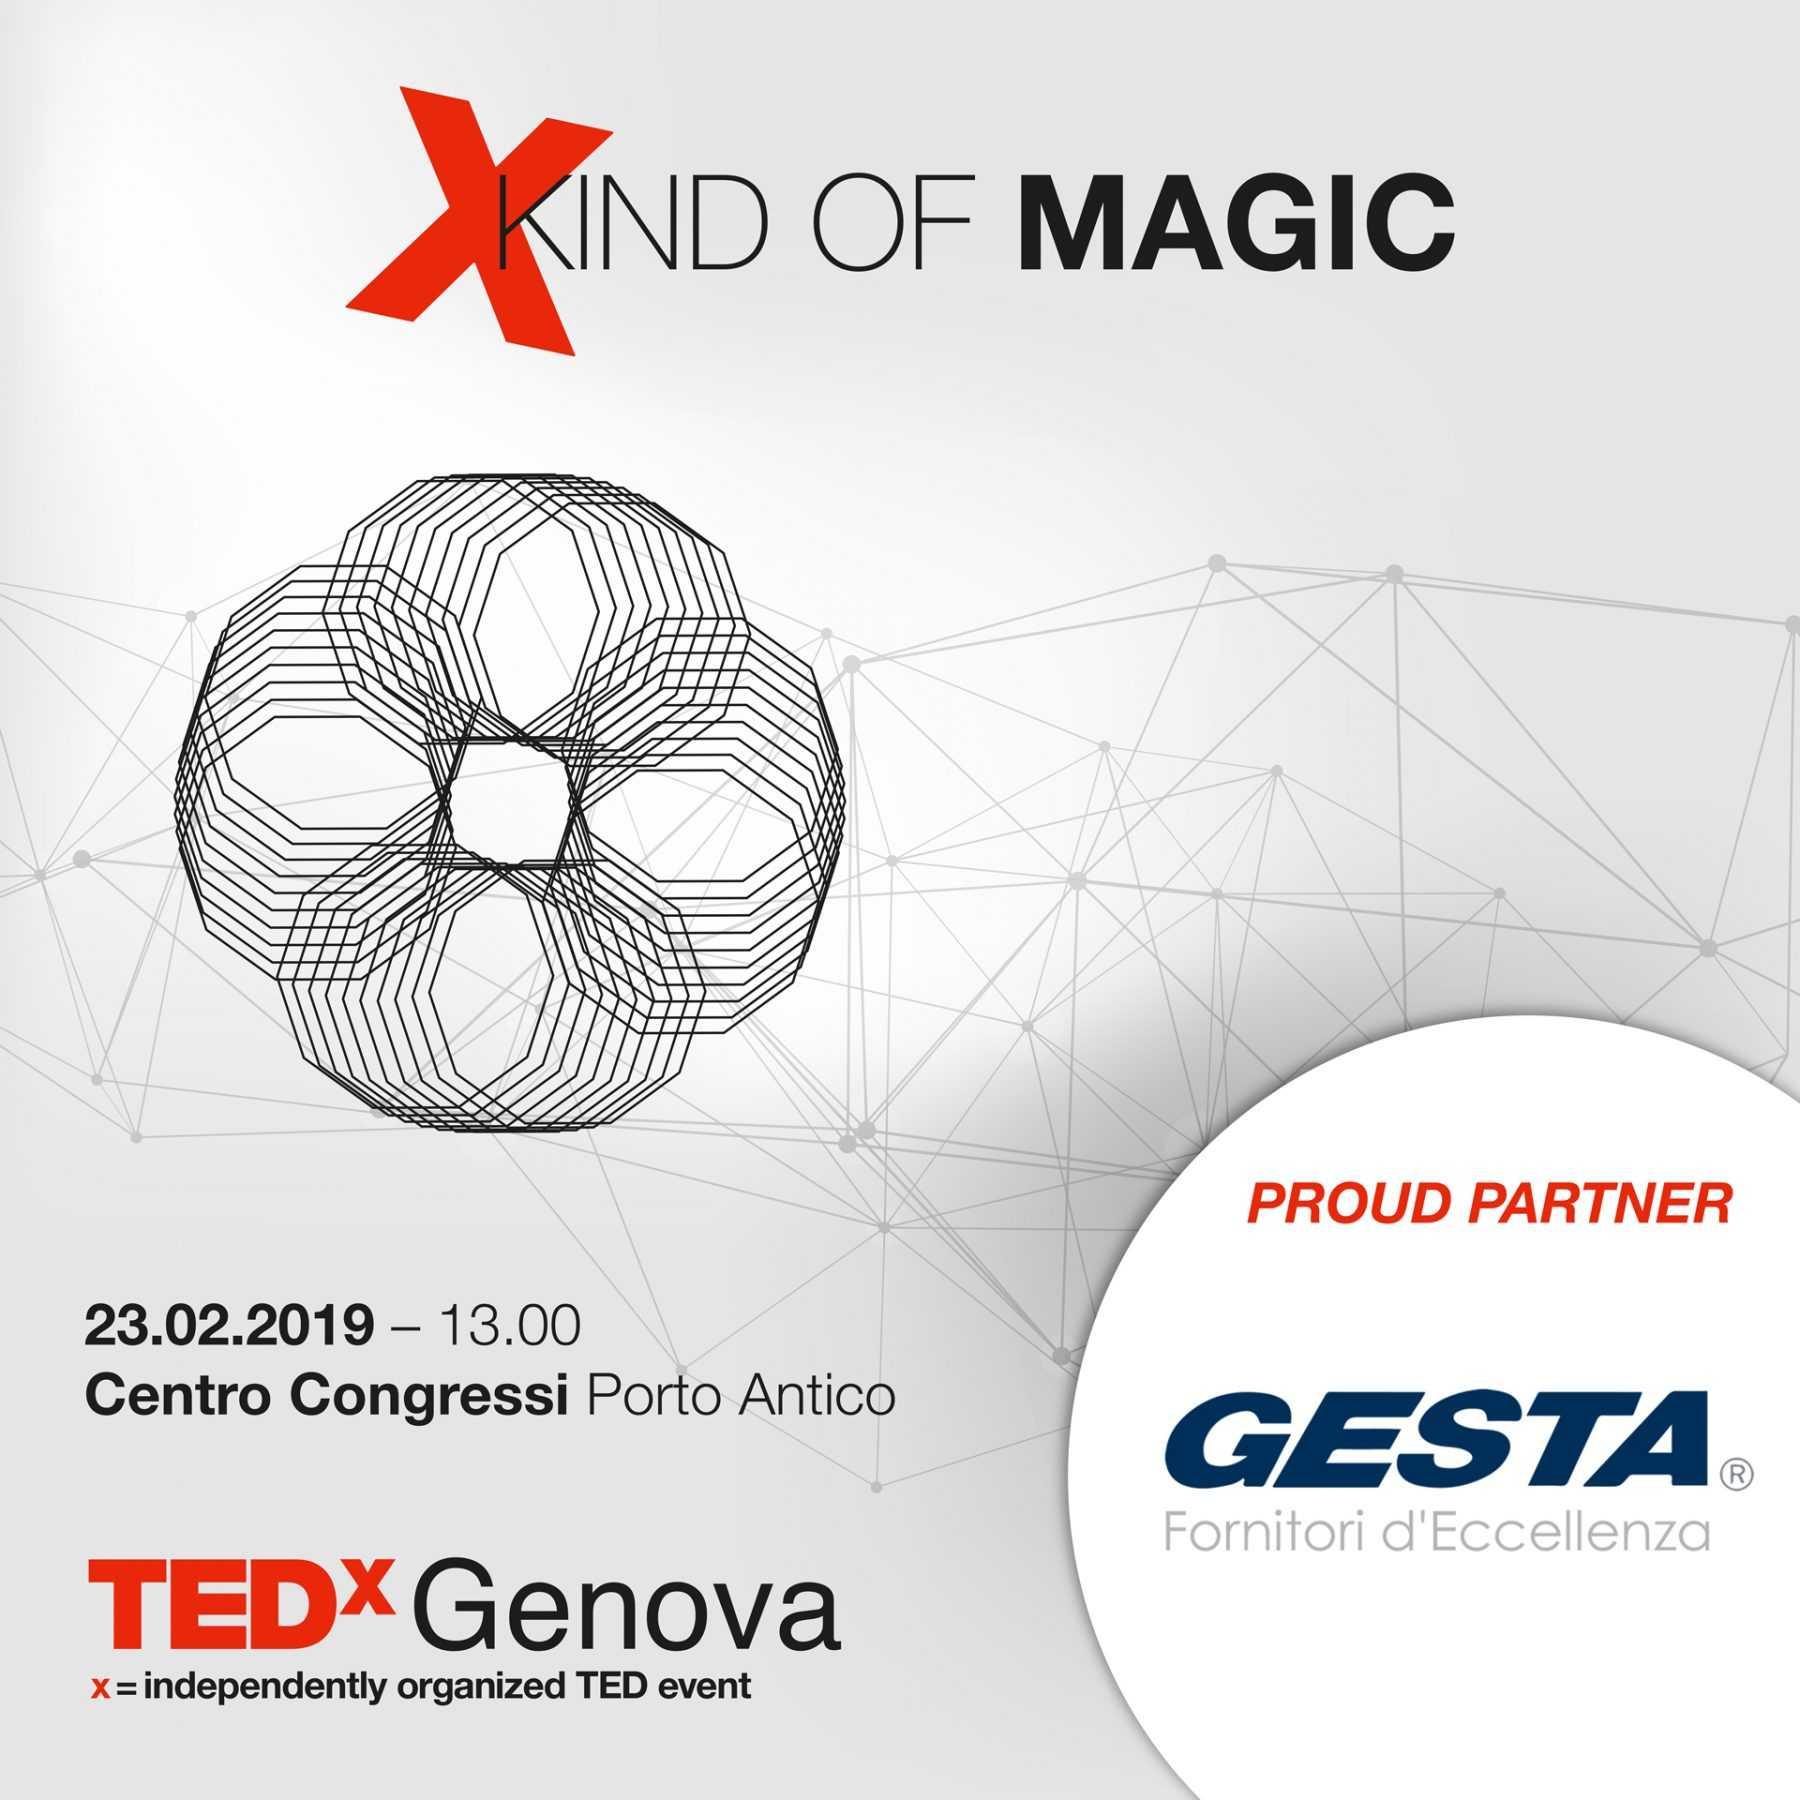 TEDXGenova – Gesta partner innovatore